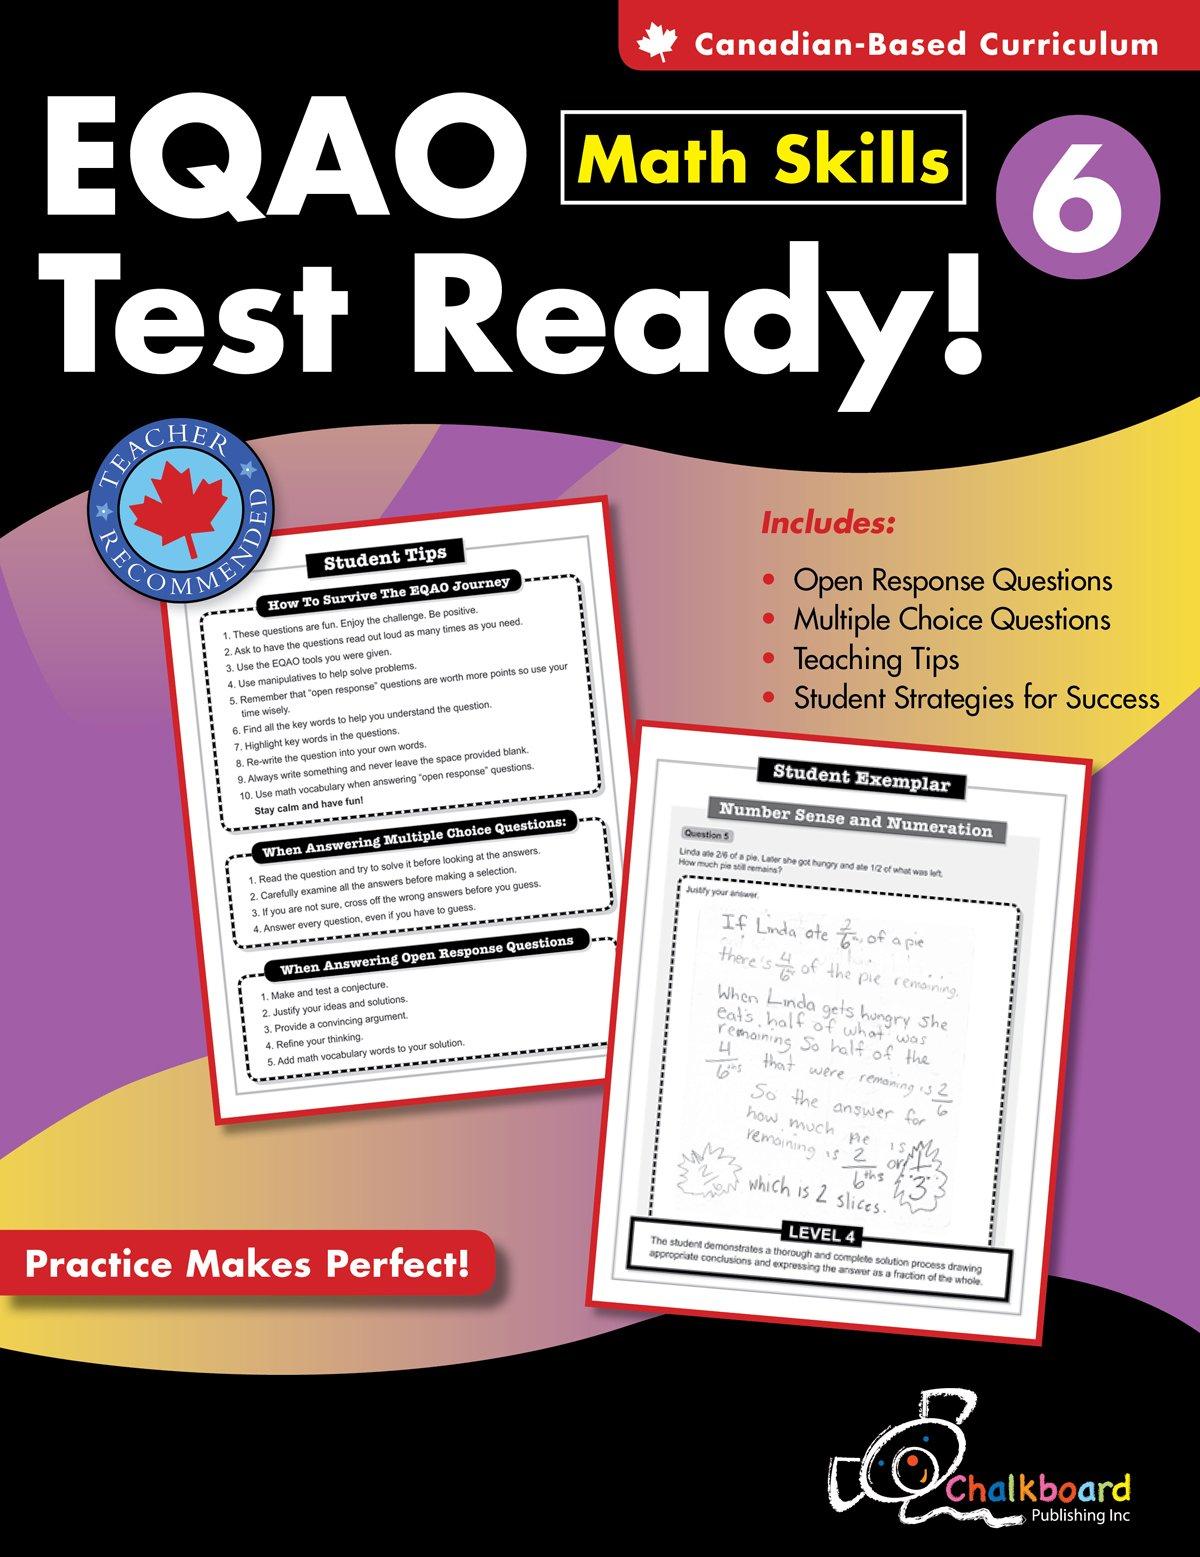 EQAO Test Ready Math Skills 6: Demetra Turnbull: 9781897514276 ...